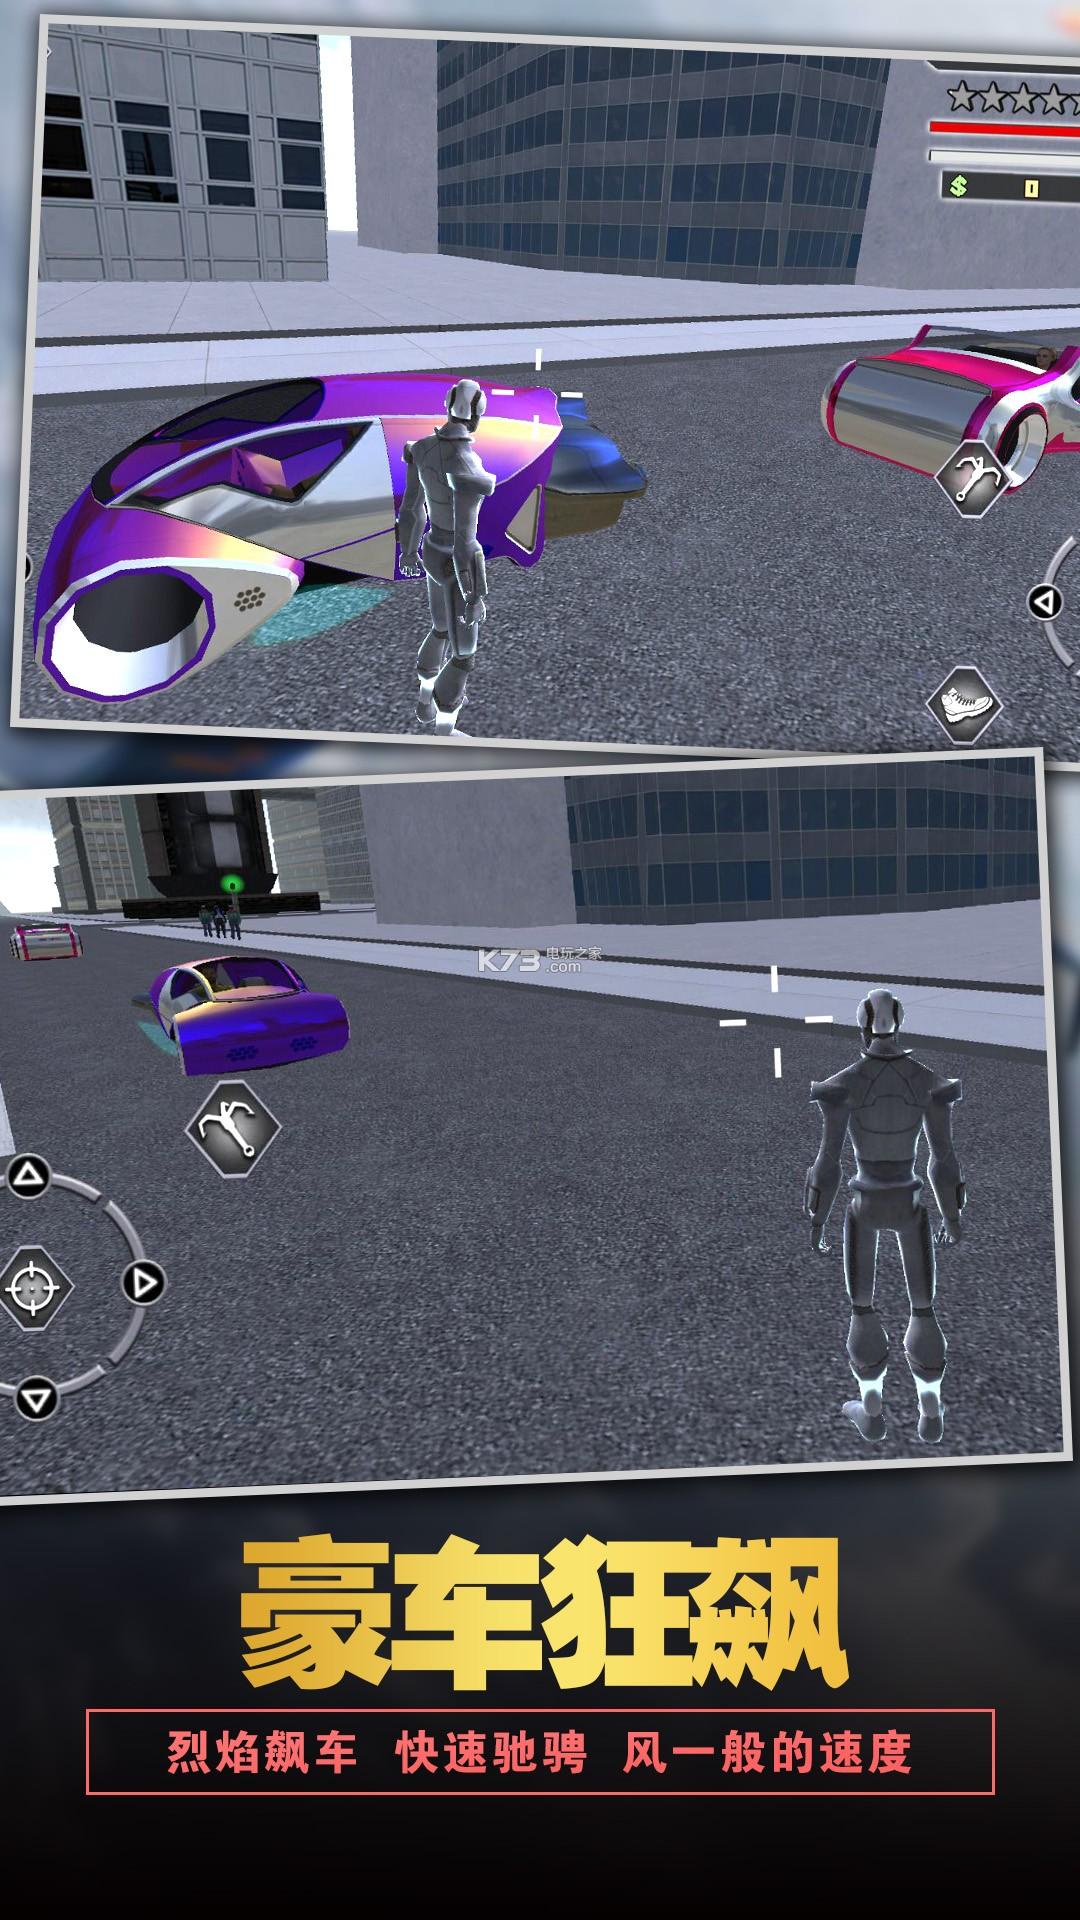 太空教父 v1.1 游戏下载 截图